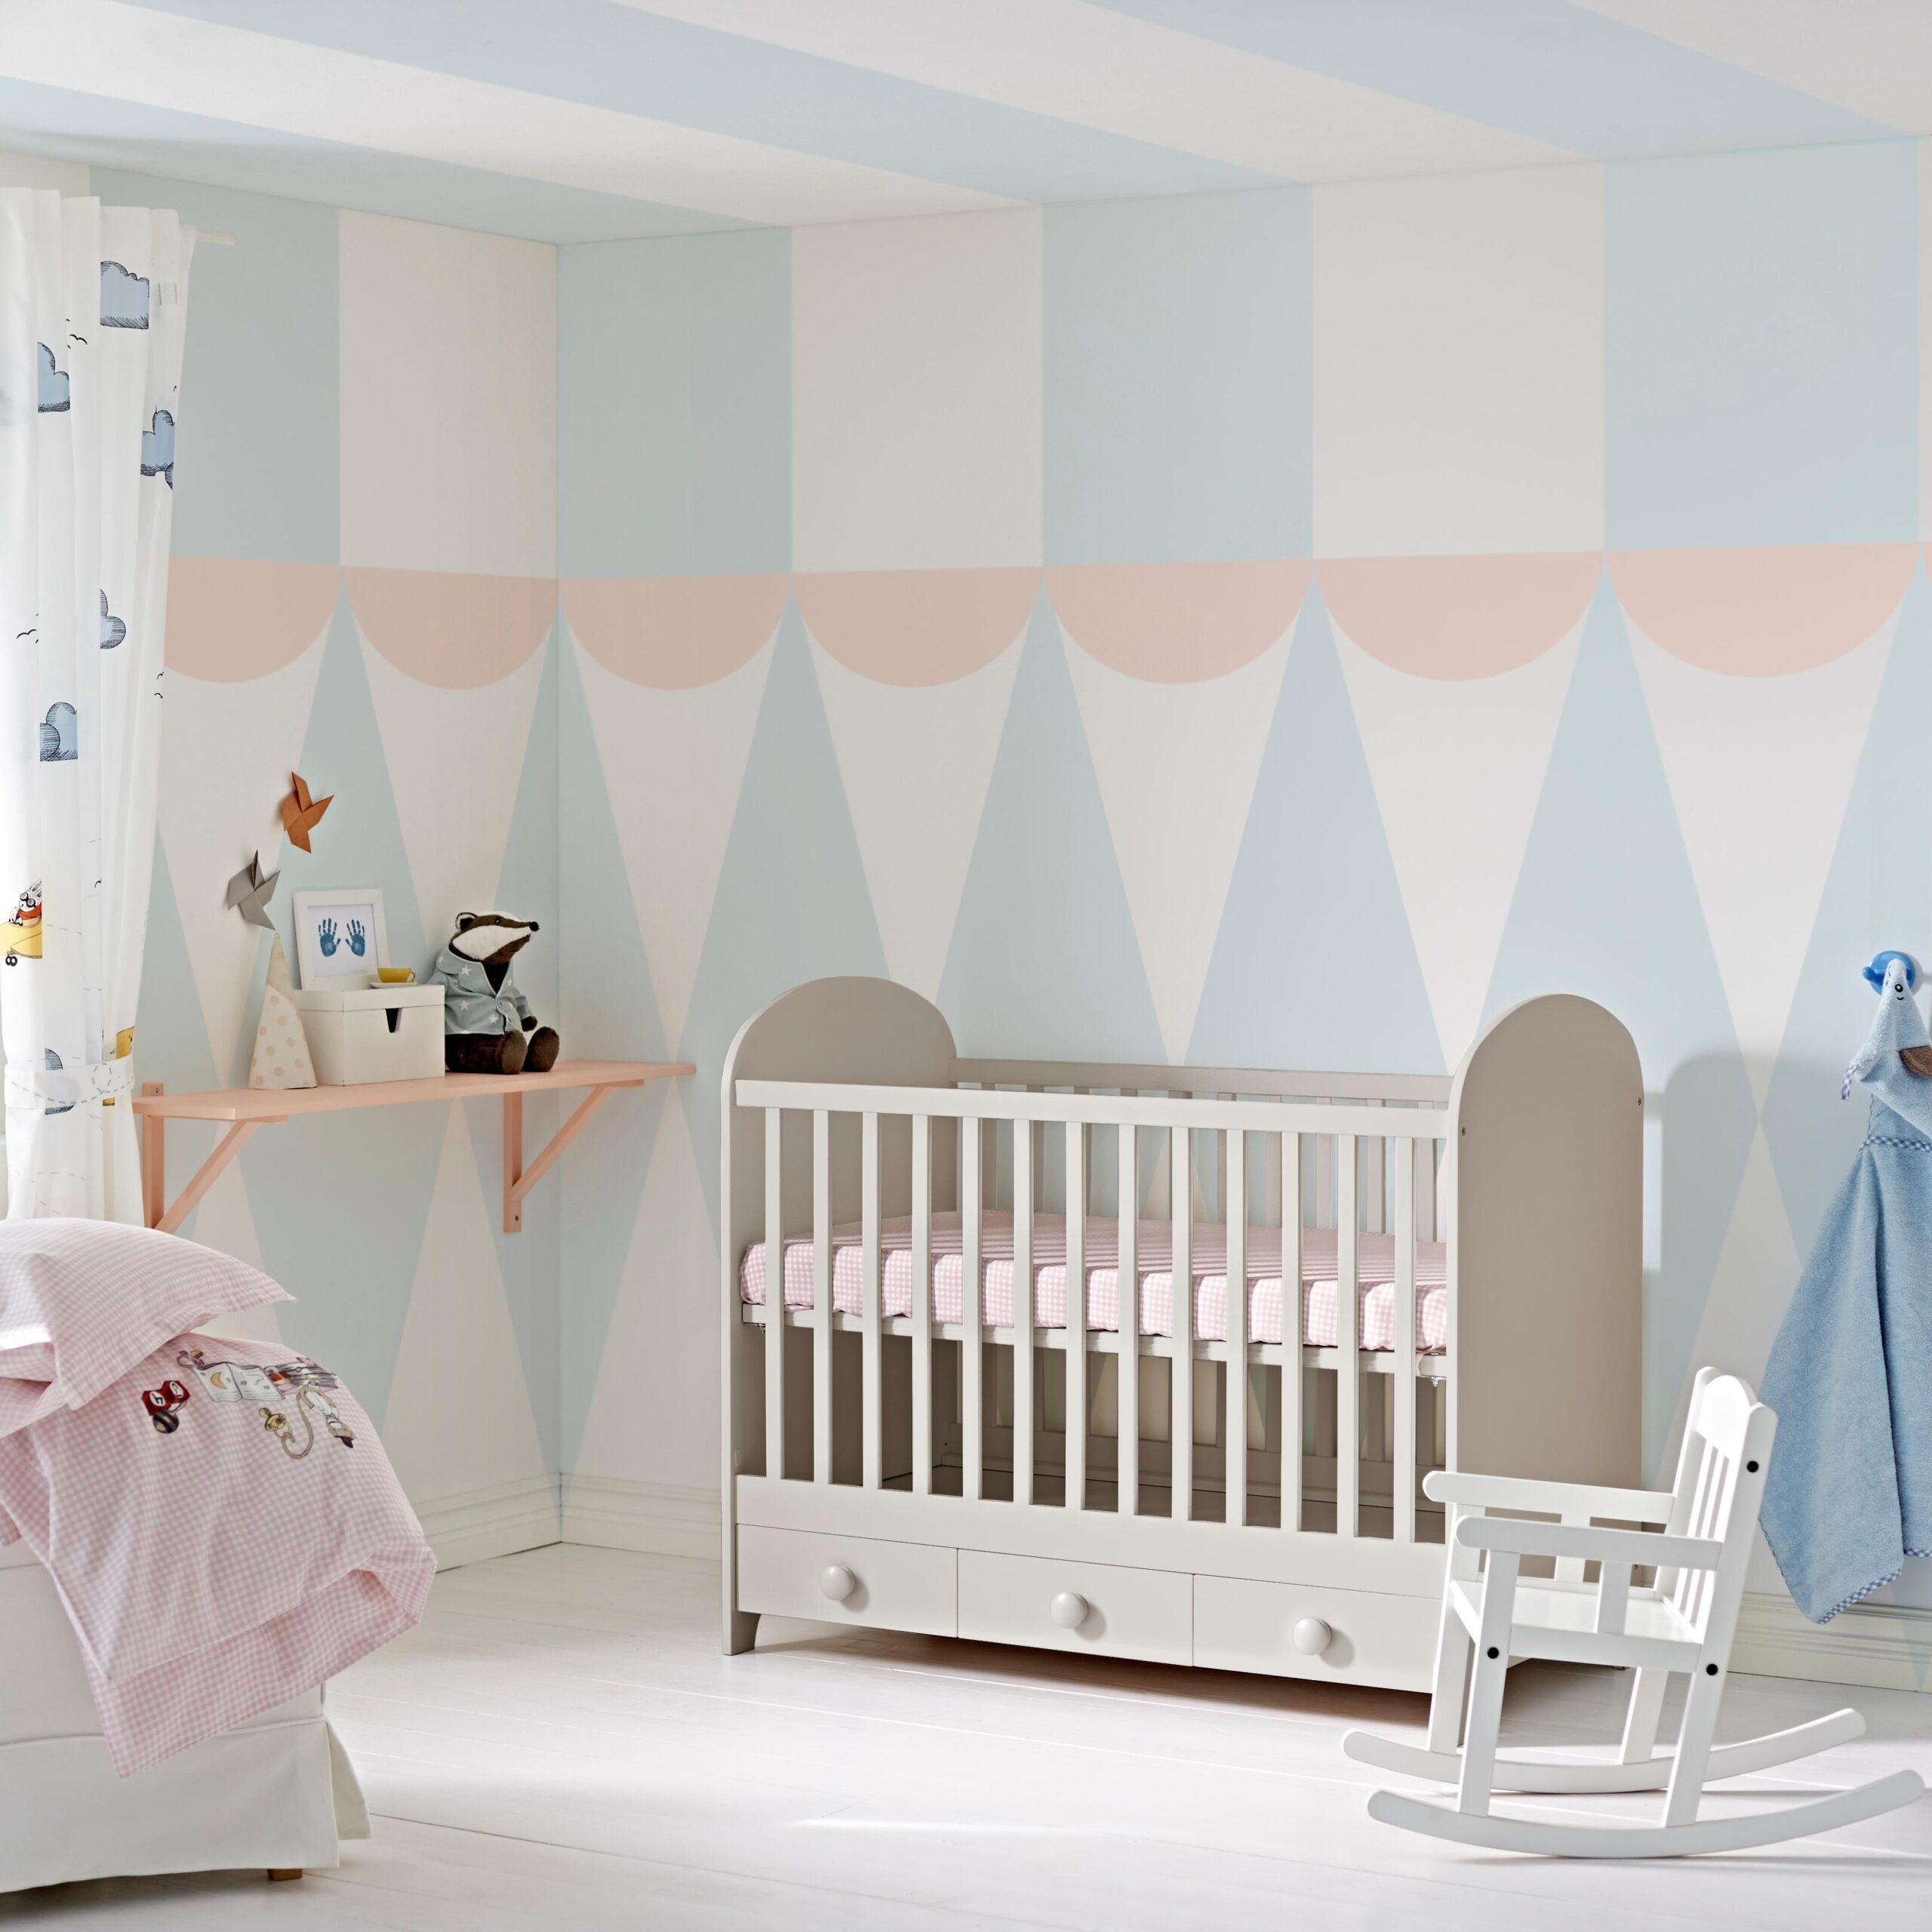 Full Size of Wandgestaltung Kinderzimmer Jungen Babyzimmer Bilder Ideen Couch Sofa Regal Weiß Regale Wohnzimmer Wandgestaltung Kinderzimmer Jungen